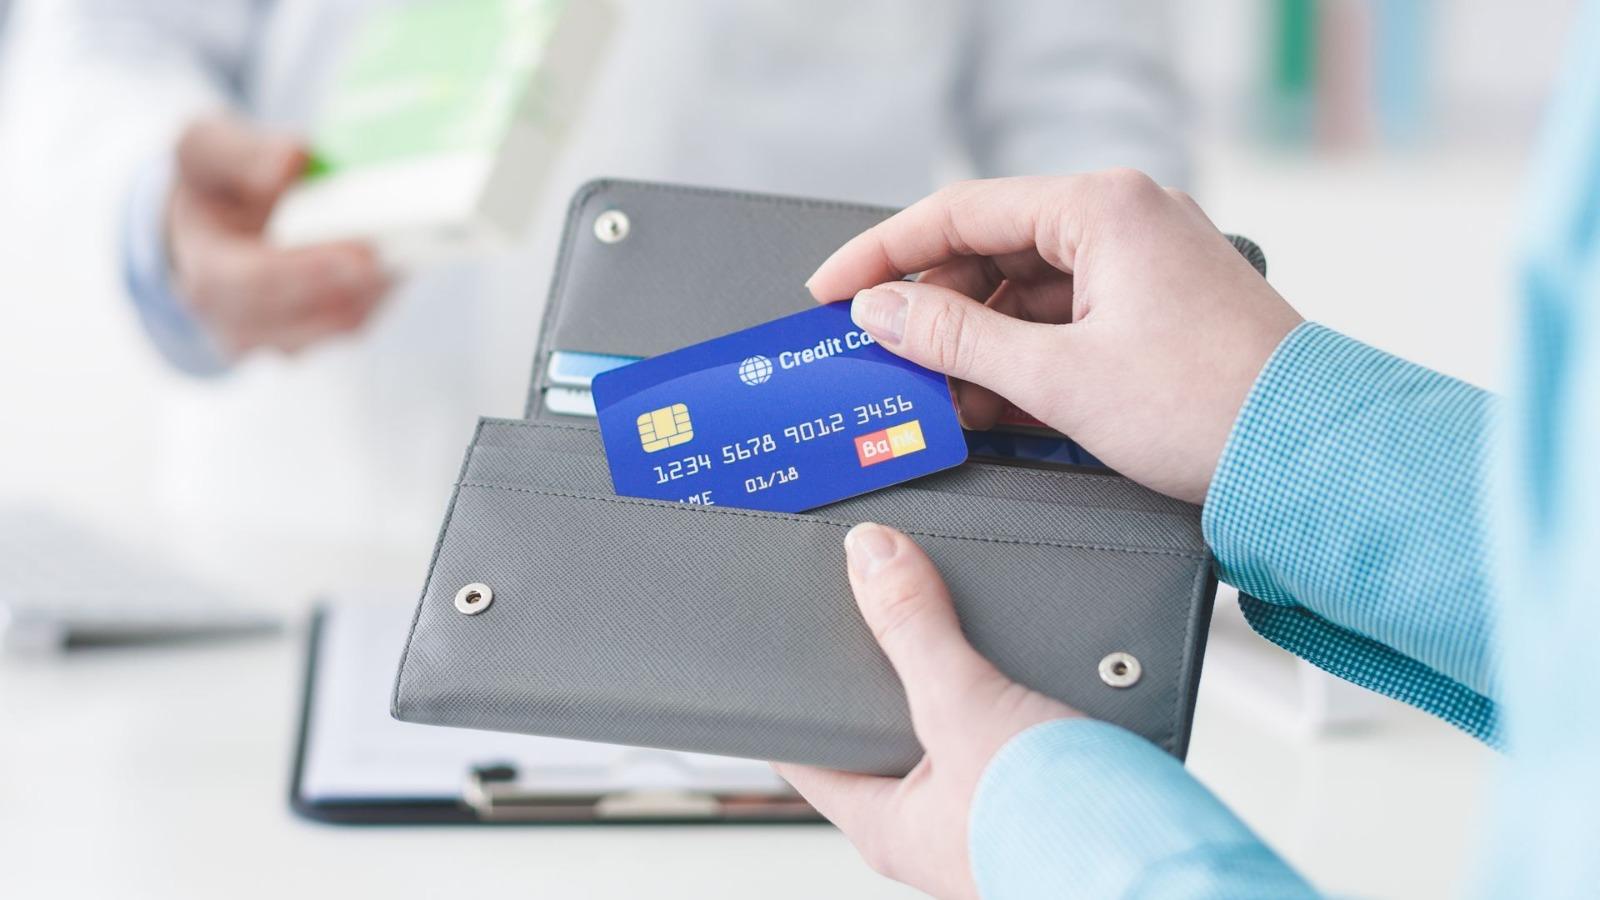 получить кредитку онлайн